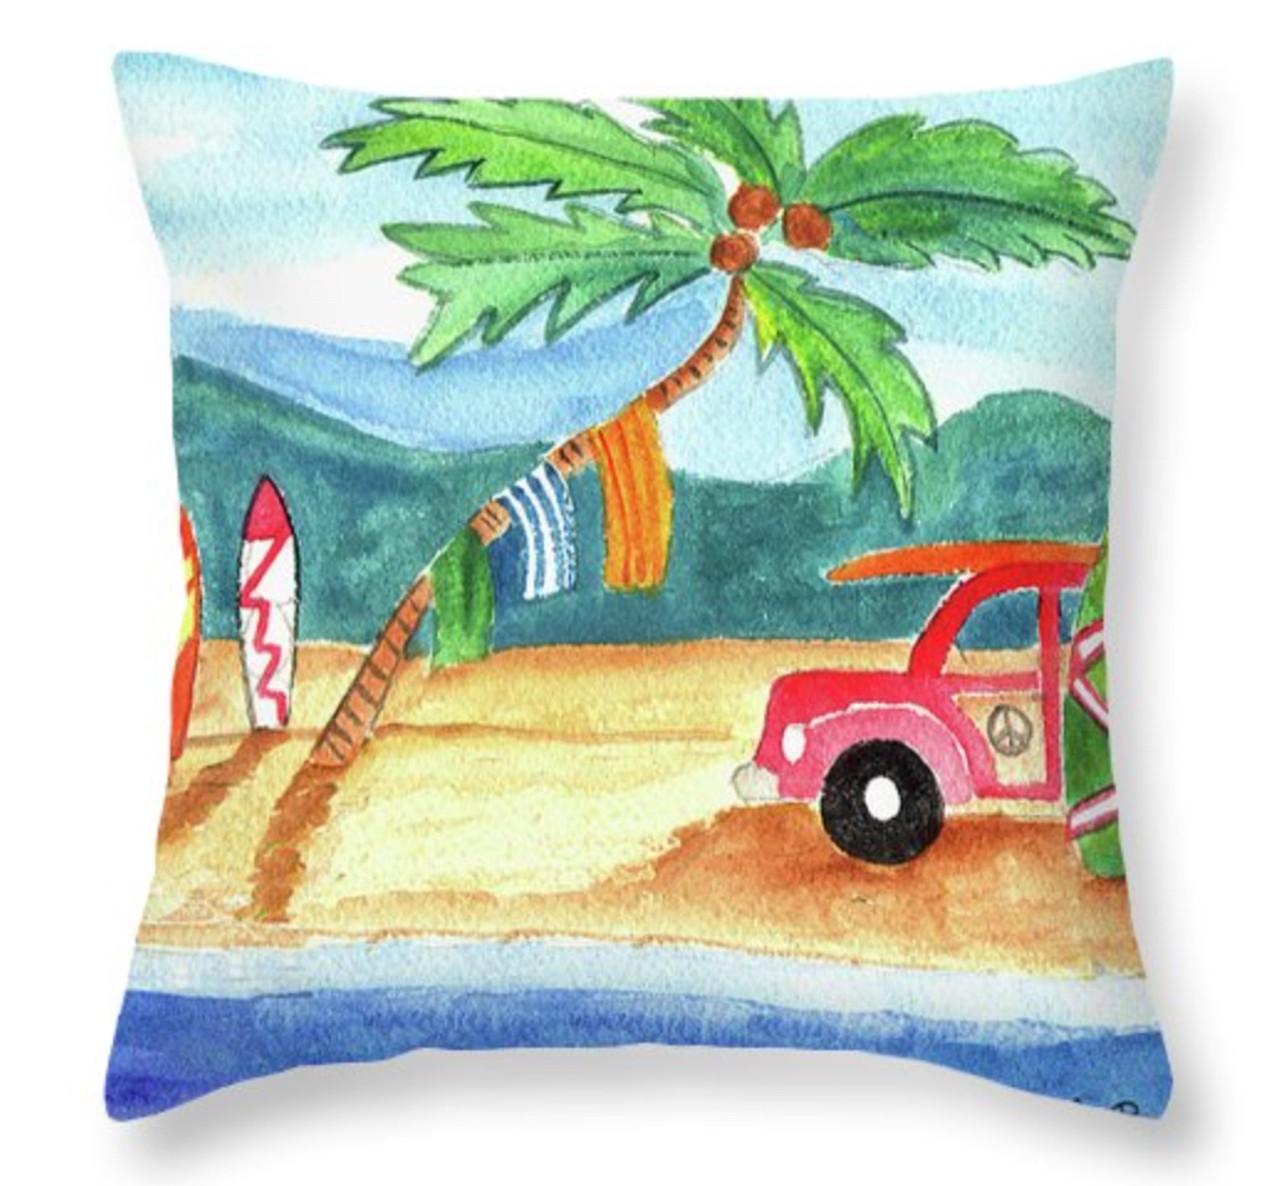 beach bum surfboard palm tree throw pillow 14 x 14